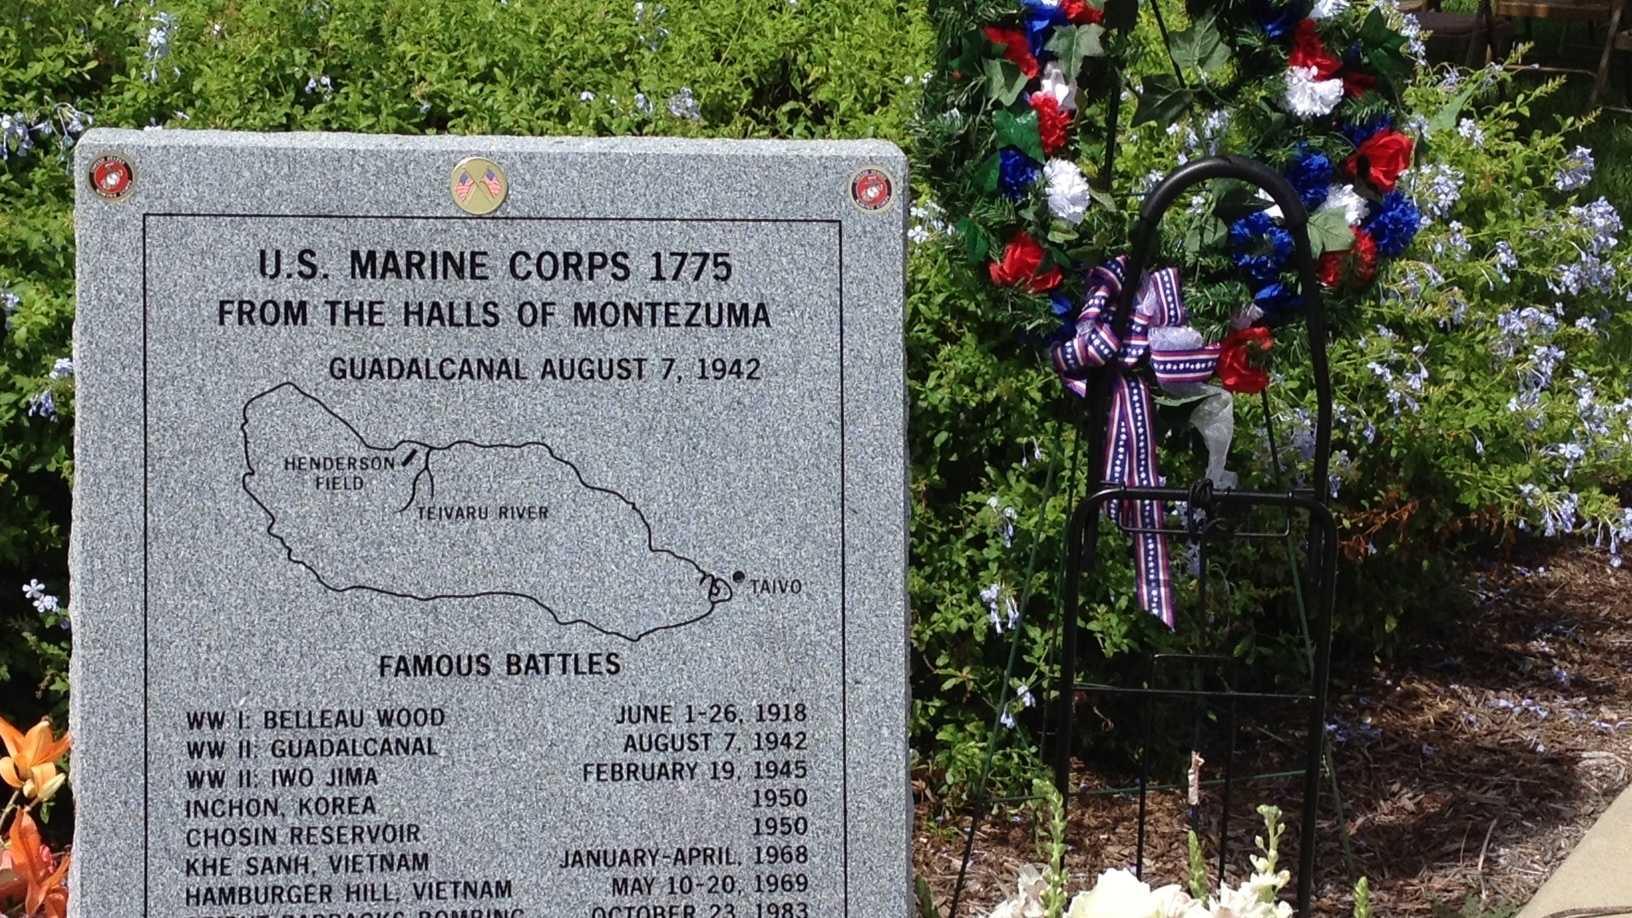 Marine memorial at Veterans Memorial Park